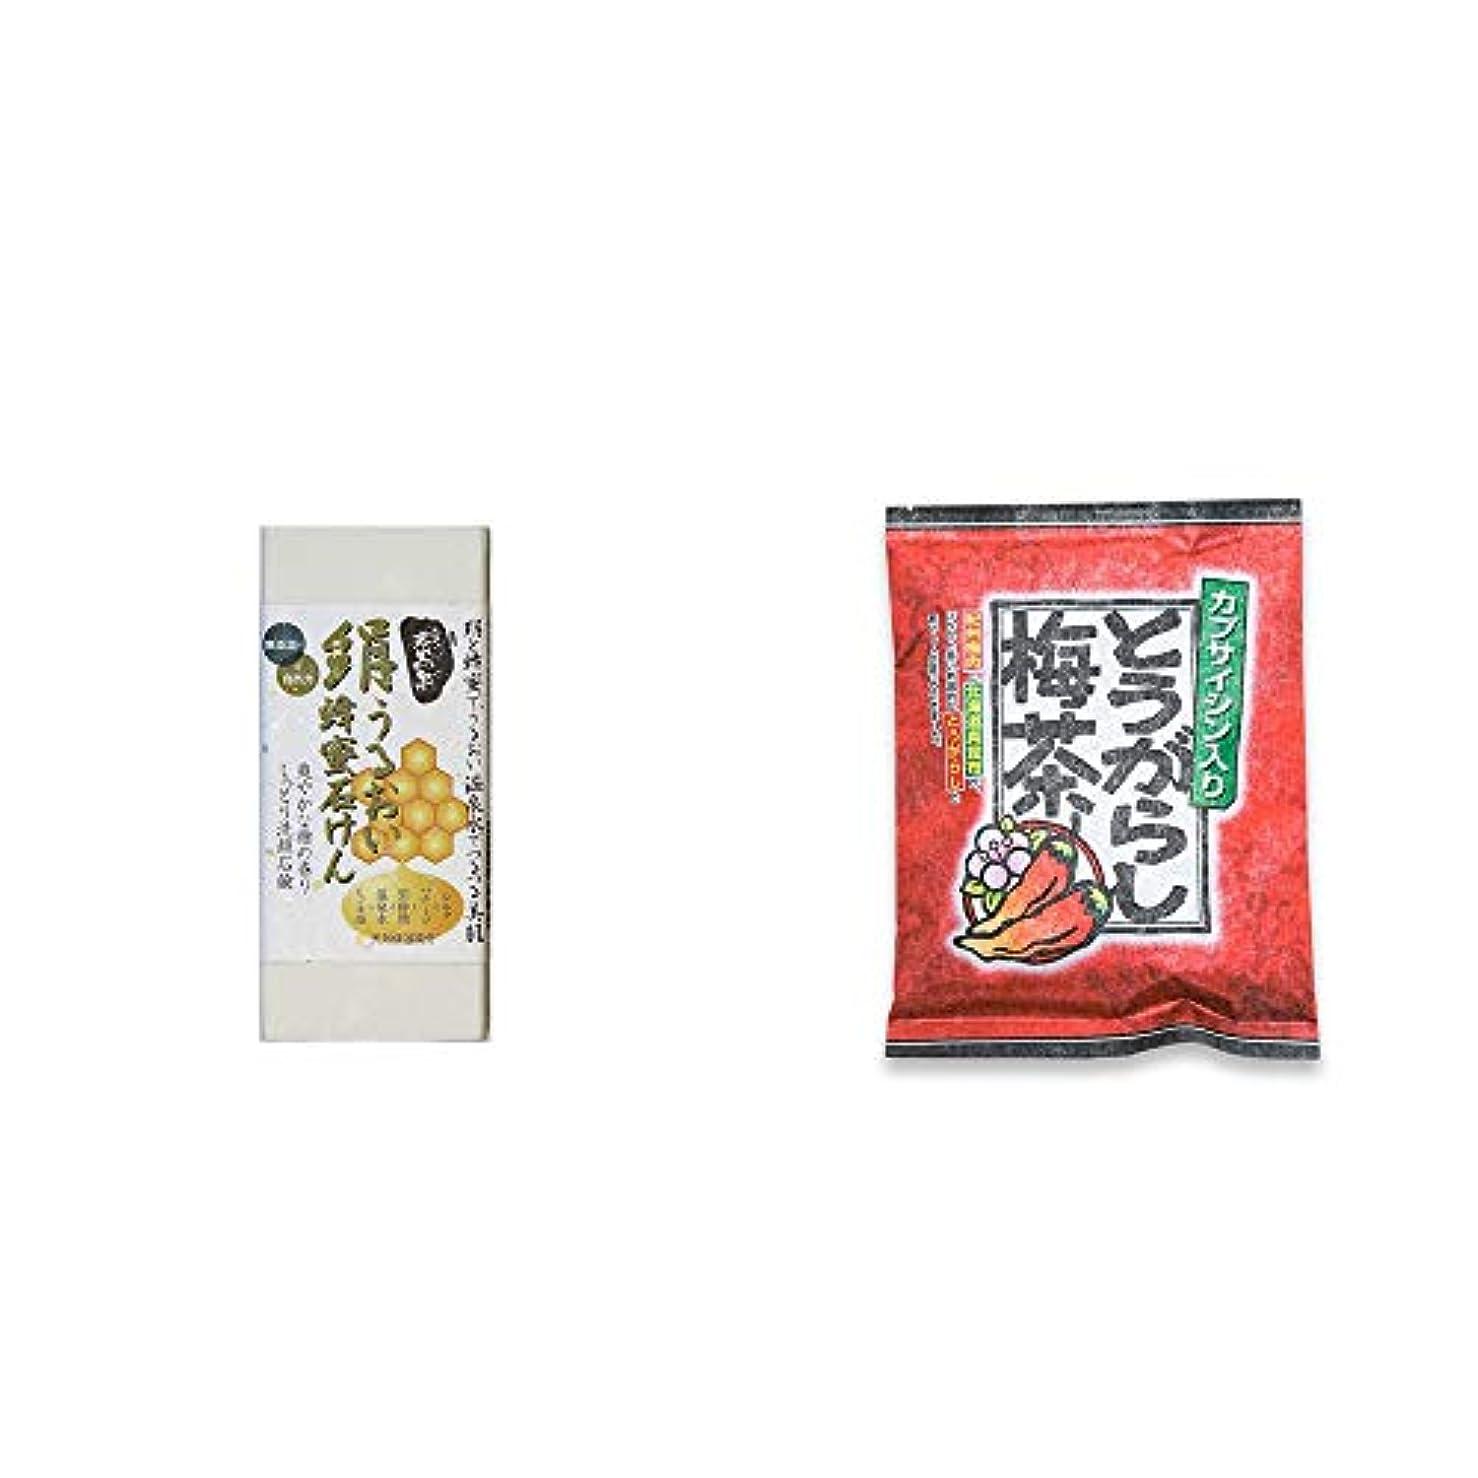 医療過誤デモンストレーション暴徒[2点セット] ひのき炭黒泉 絹うるおい蜂蜜石けん(75g×2)?とうがらし梅茶(24袋)